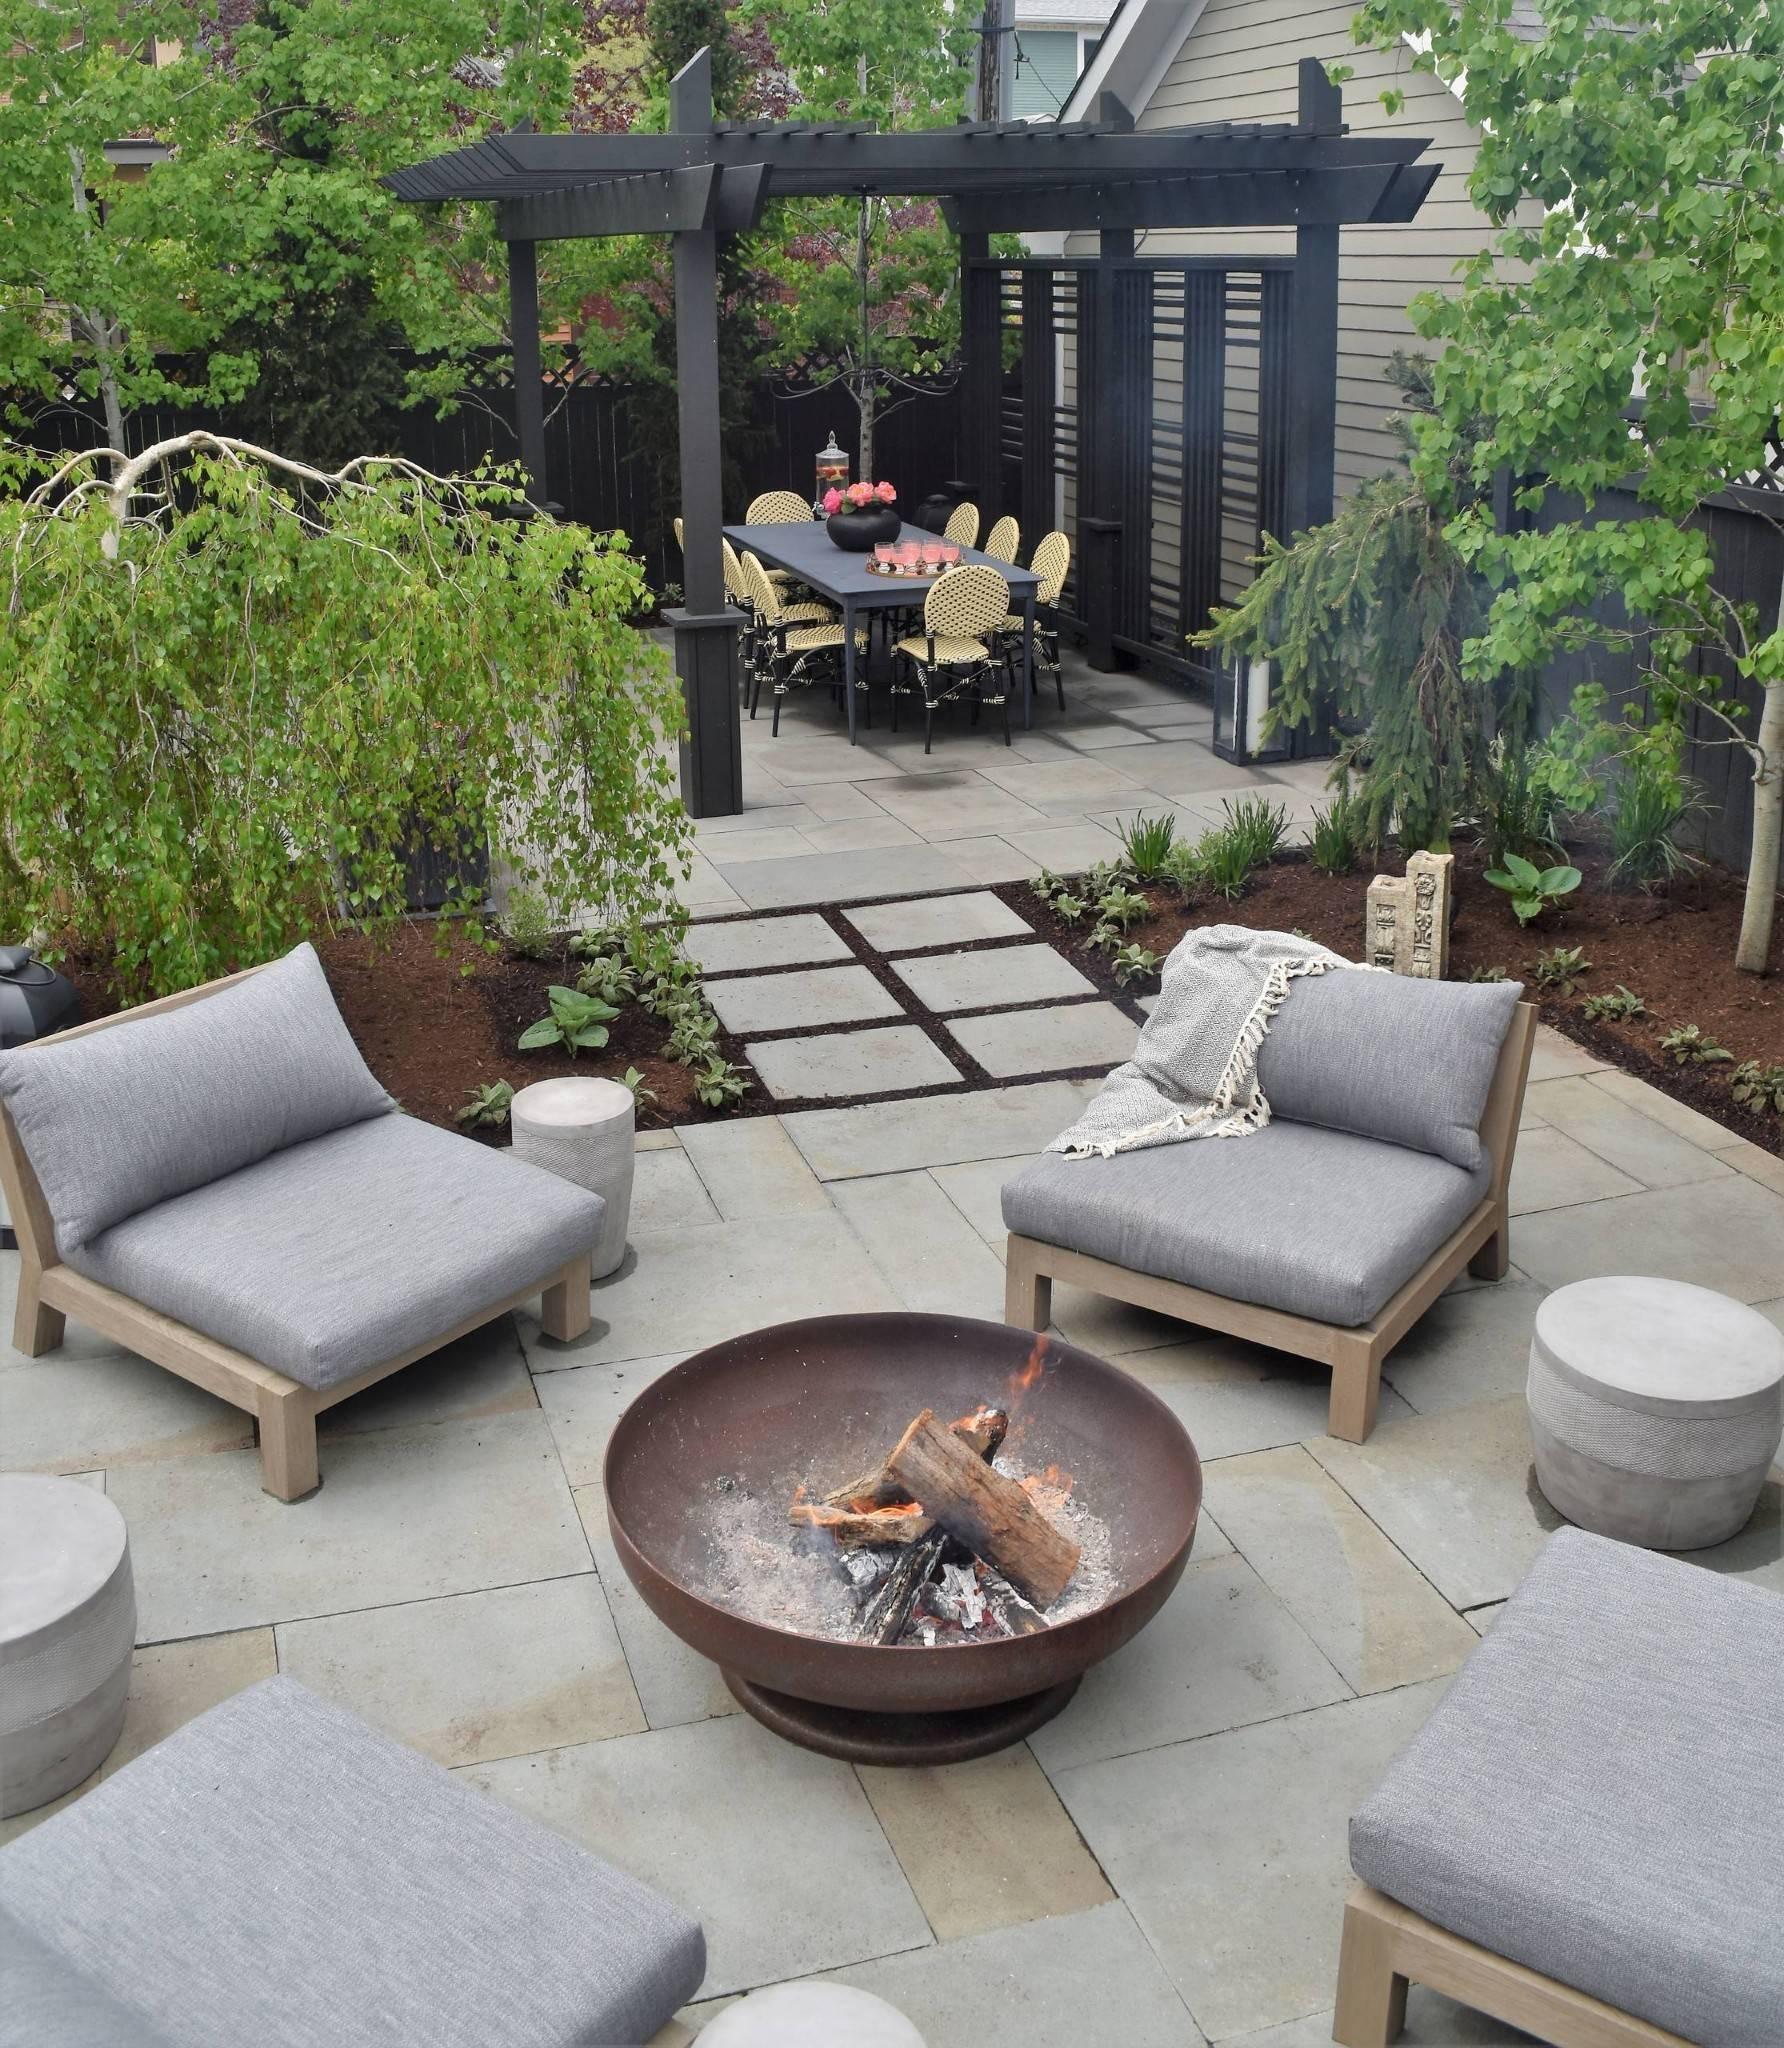 raditional-outdoor-patio-designs